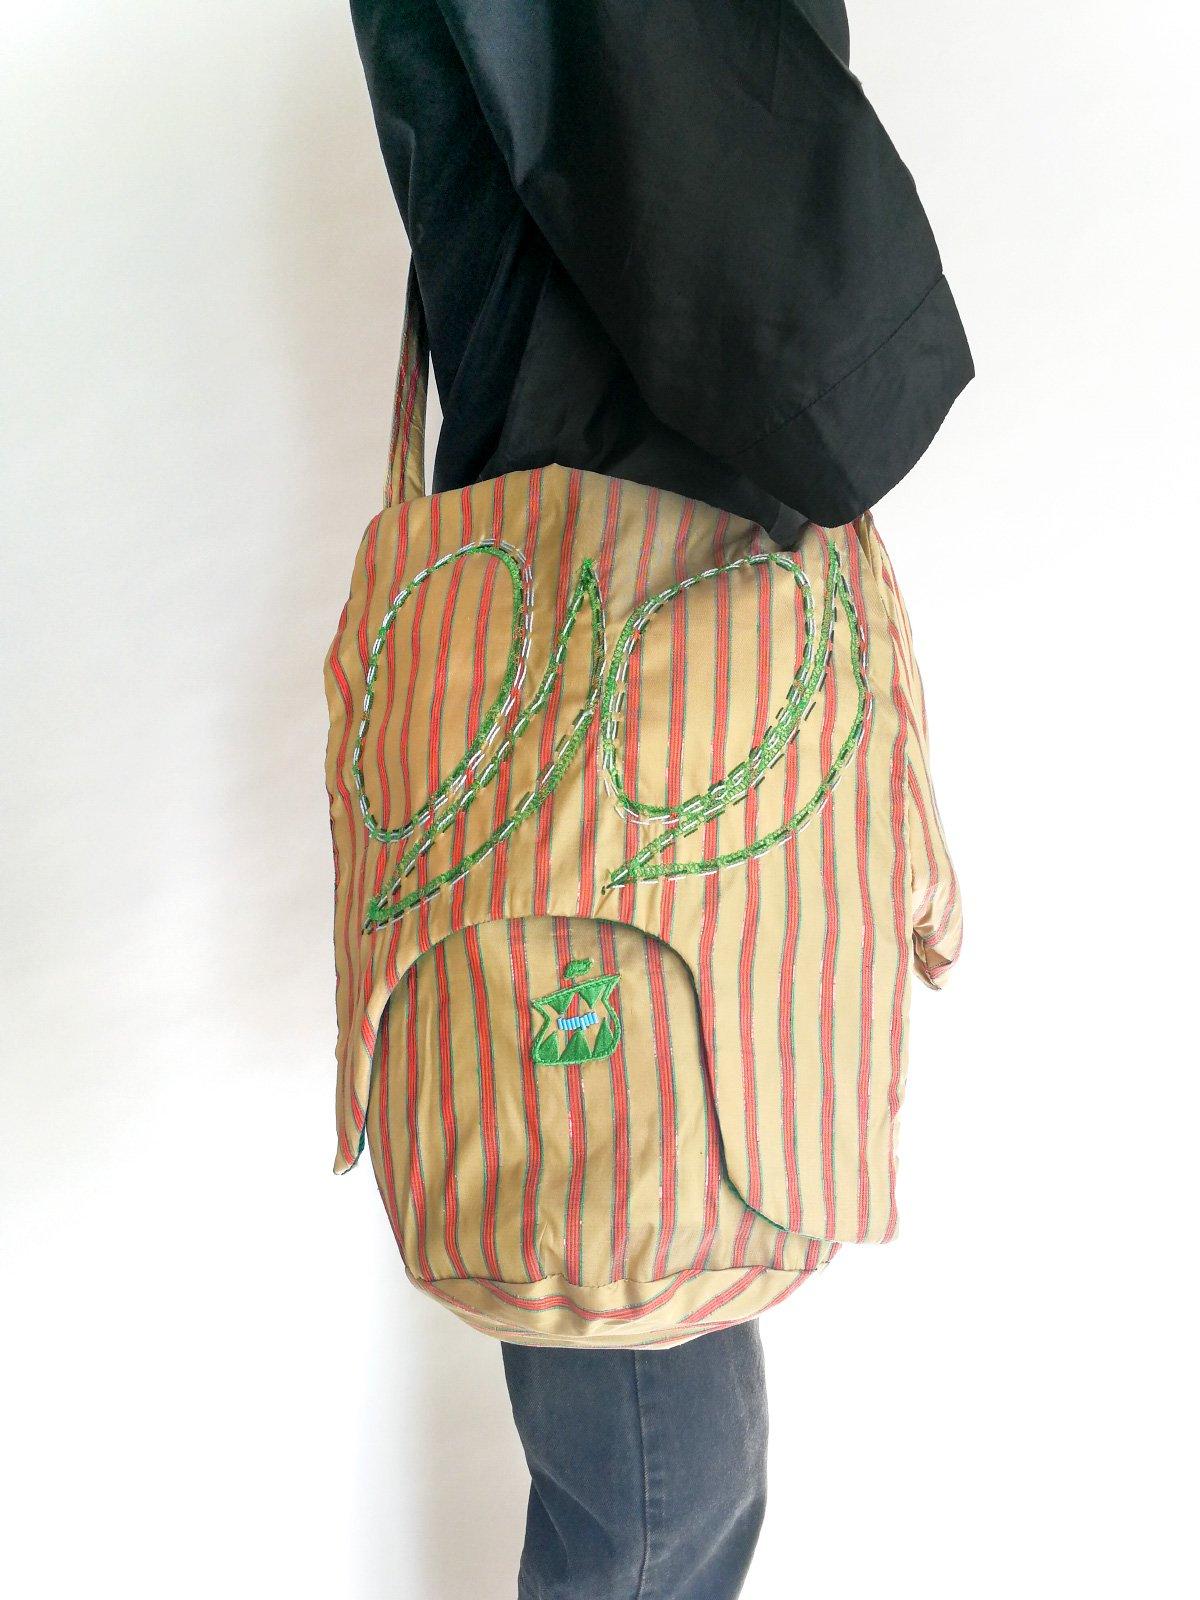 Skoloct Bag (hand stitch) / original beige